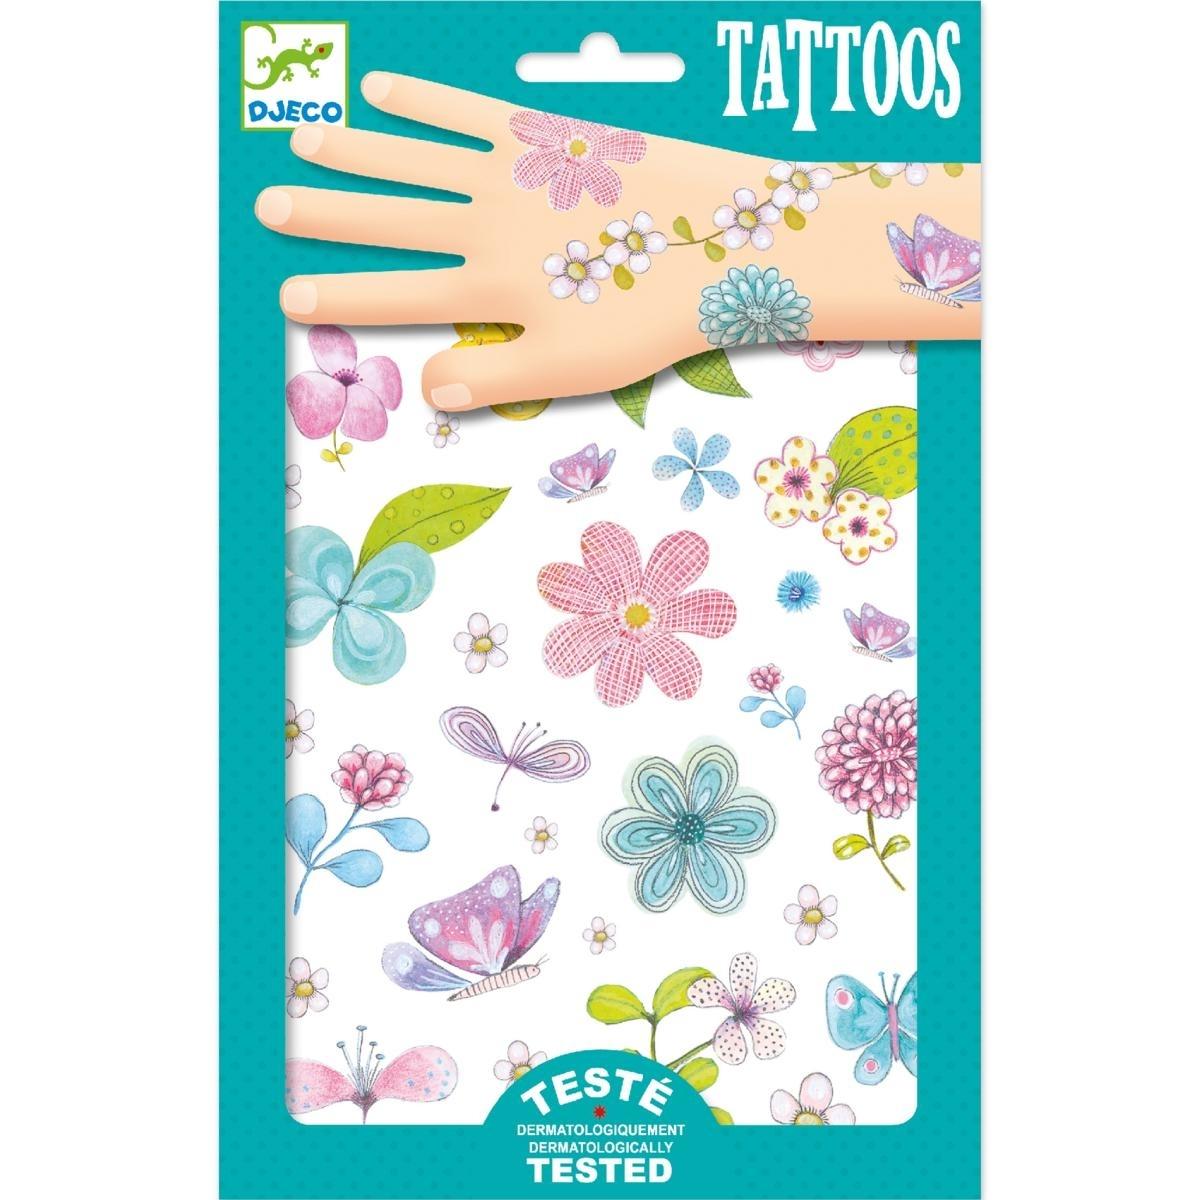 Djeco Tattoos mit Blumenmotiven, ab 3 Jahren